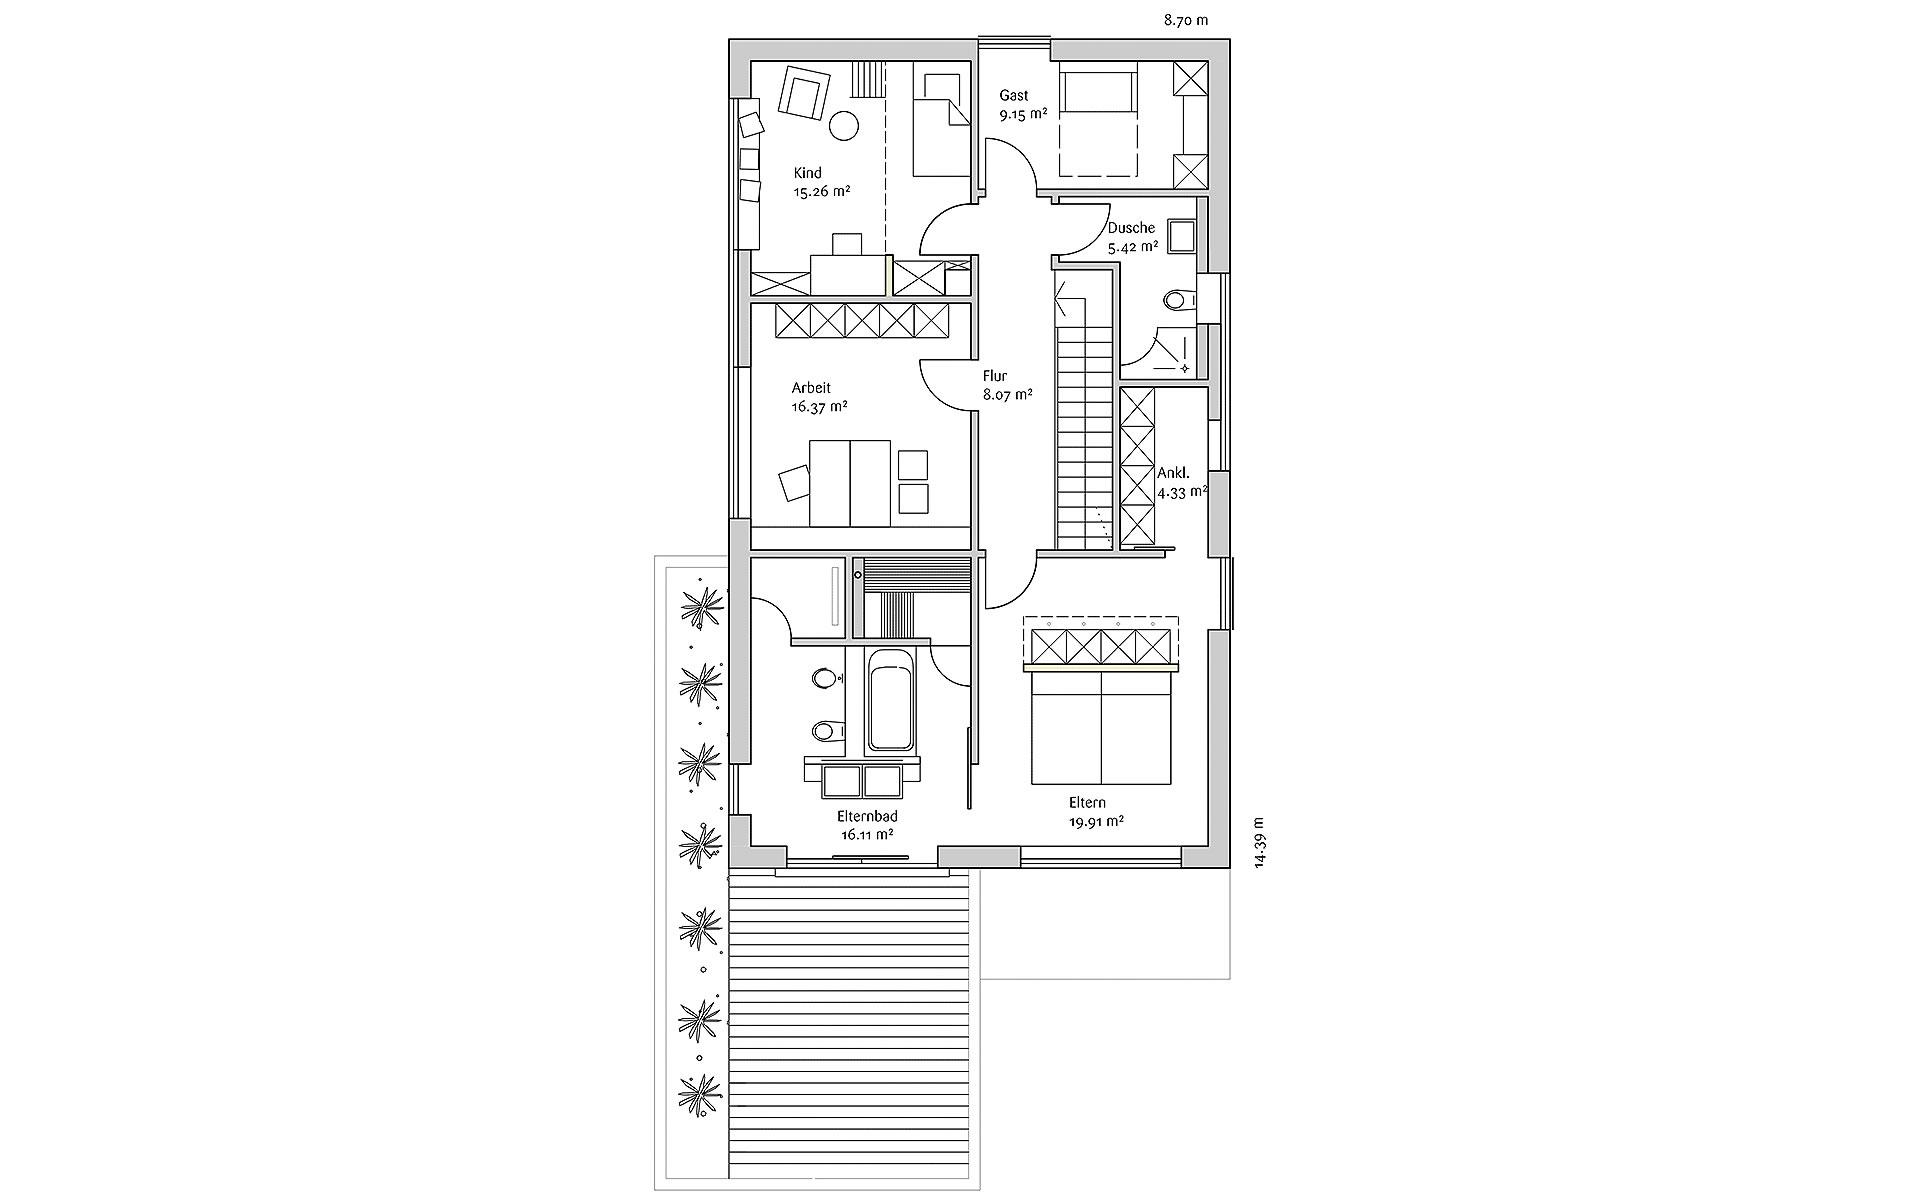 Obergeschoss Generation X MH Poing von FischerHaus GmbH & Co. KG